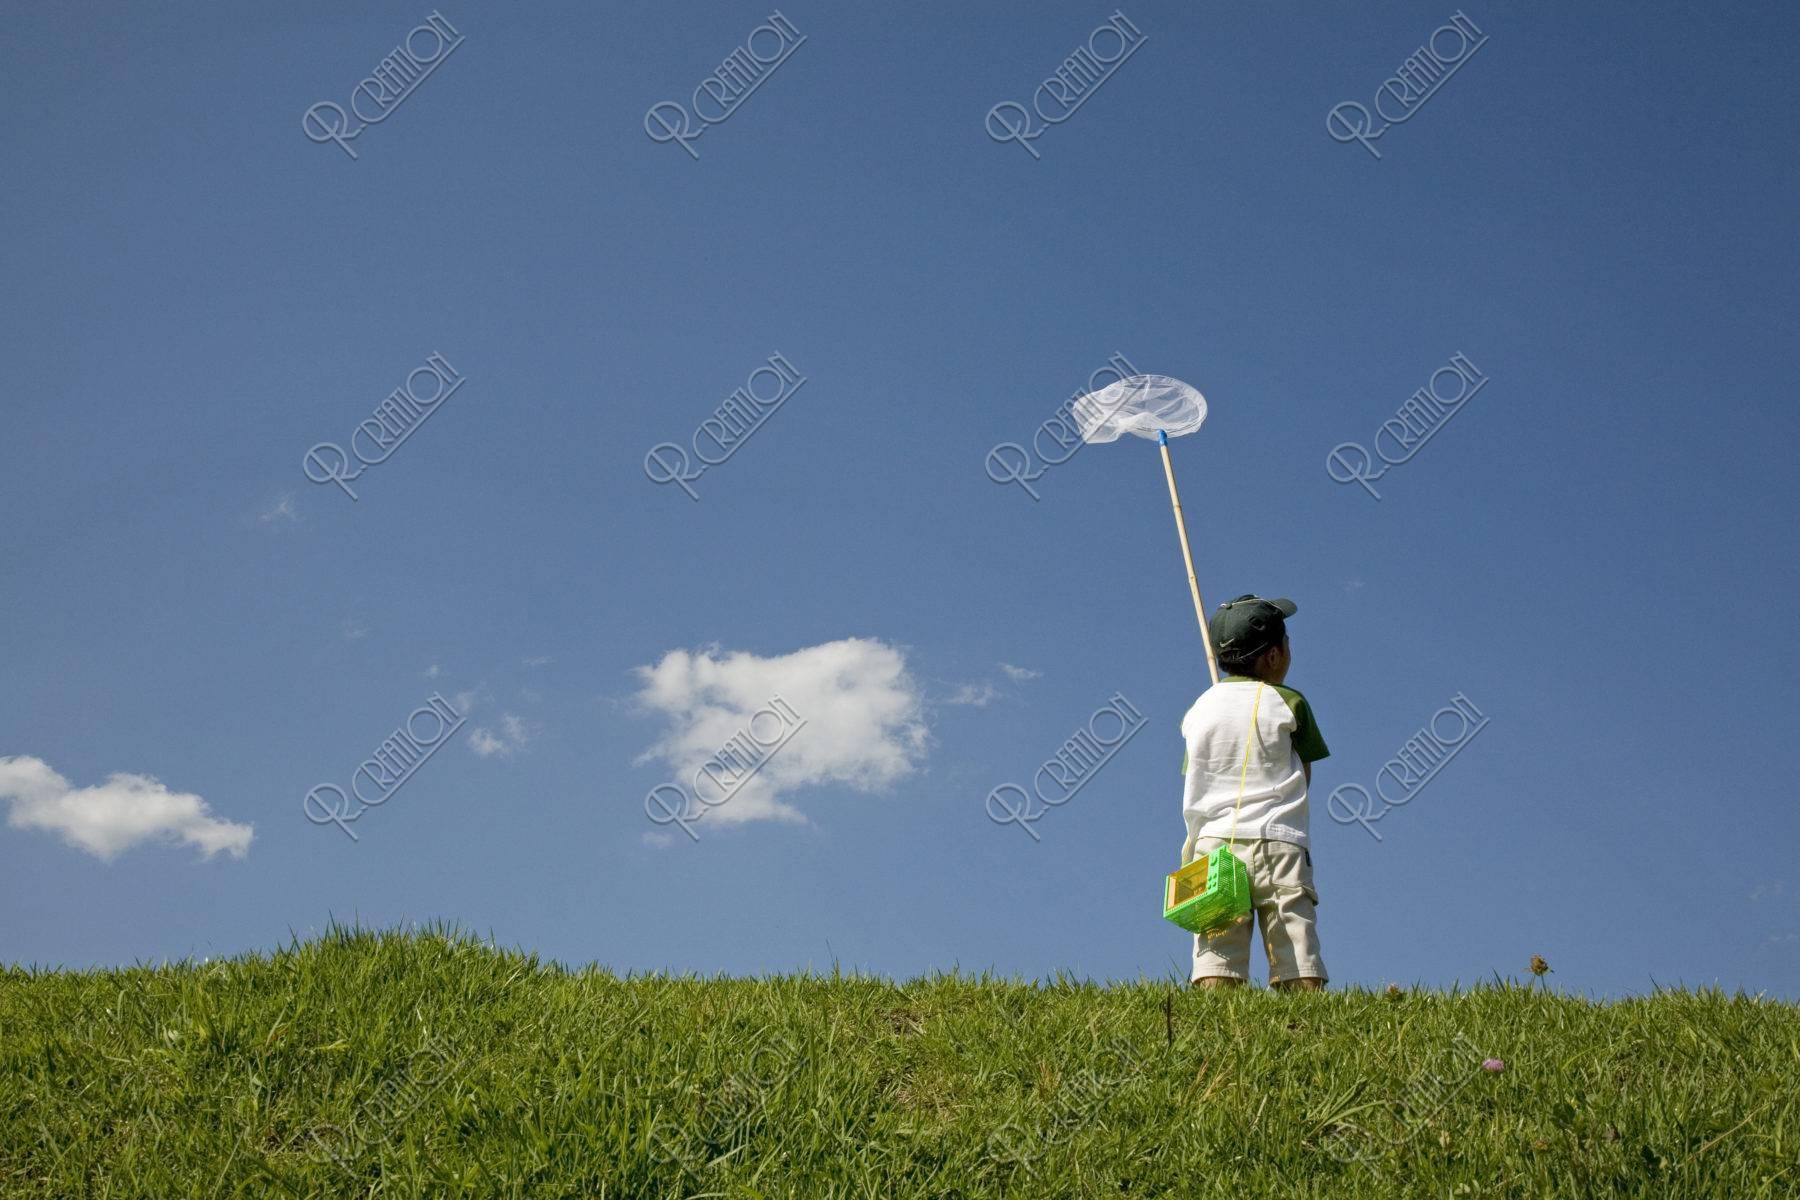 虫取り網を持つ後ろ姿の男の子